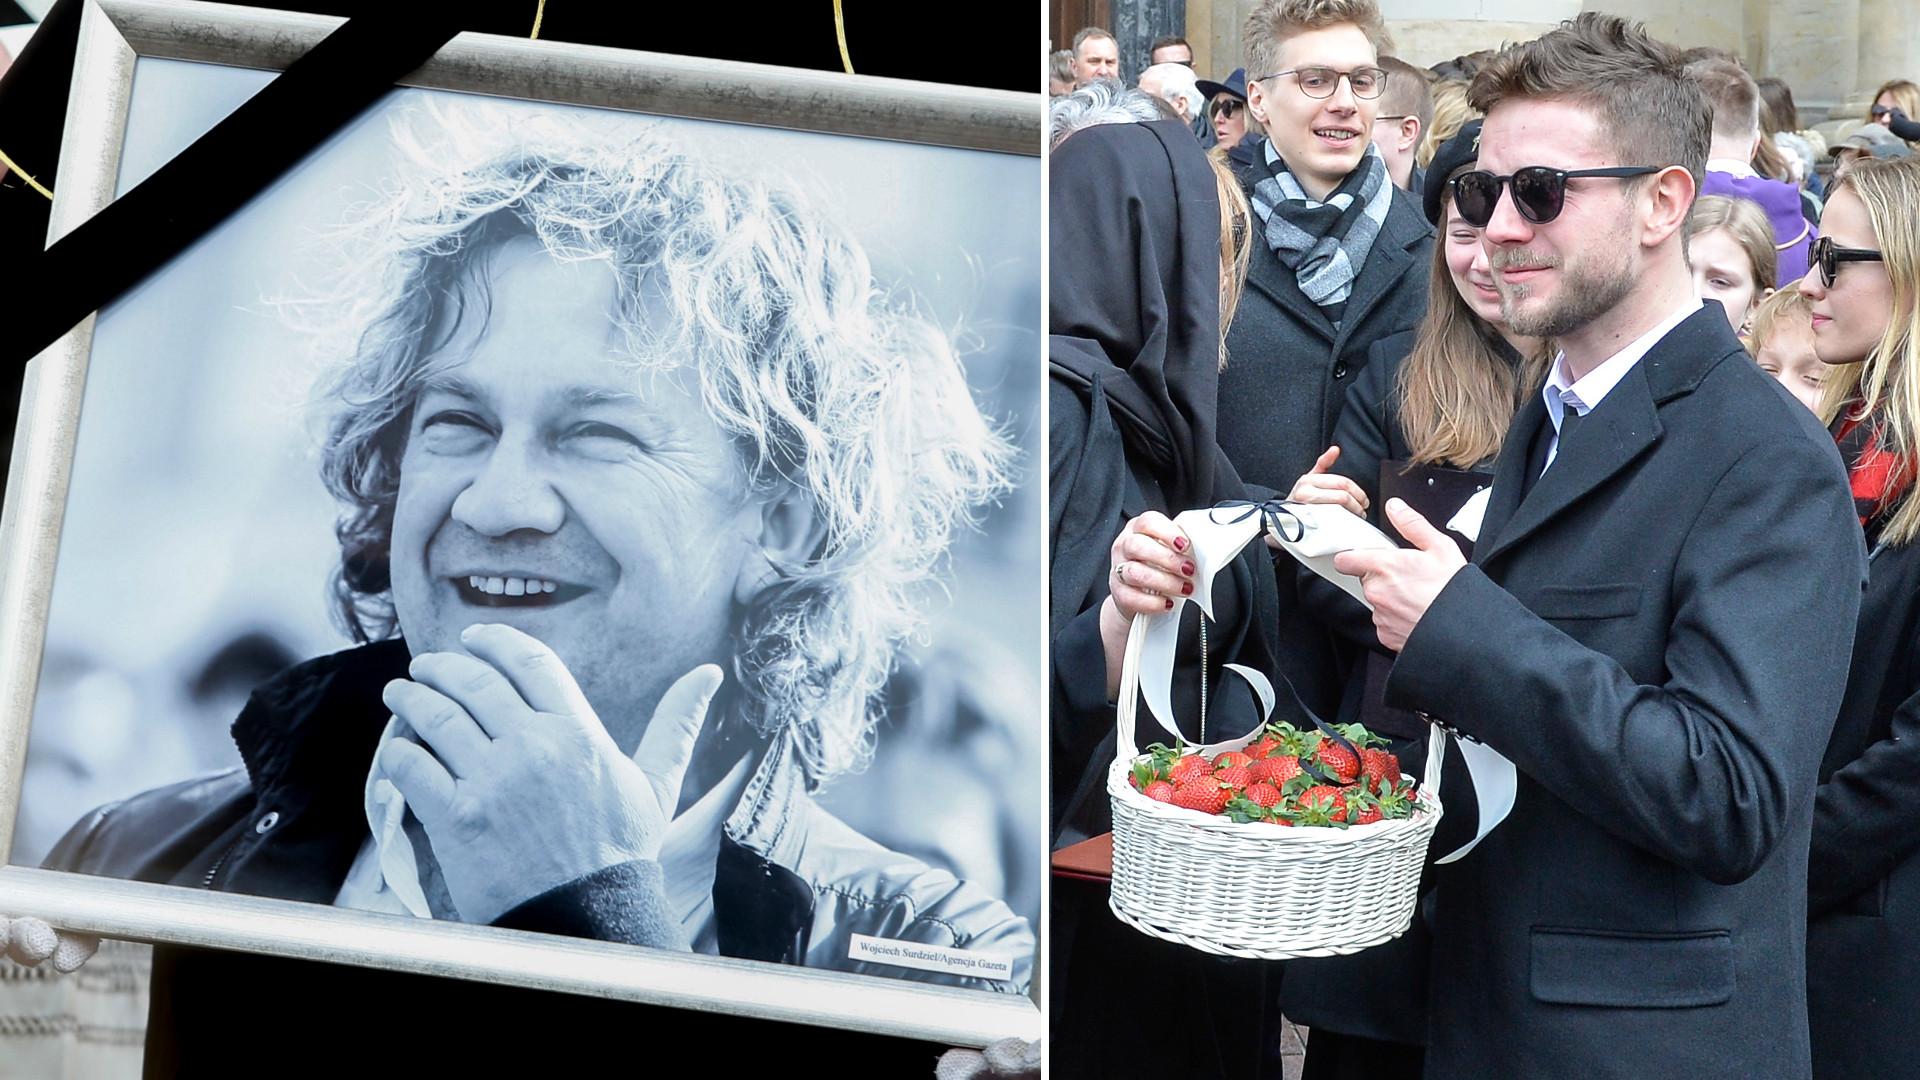 Antek Królikowski NIETYPOWO pożegnał ojca. Wspomniał o… koronawirusie